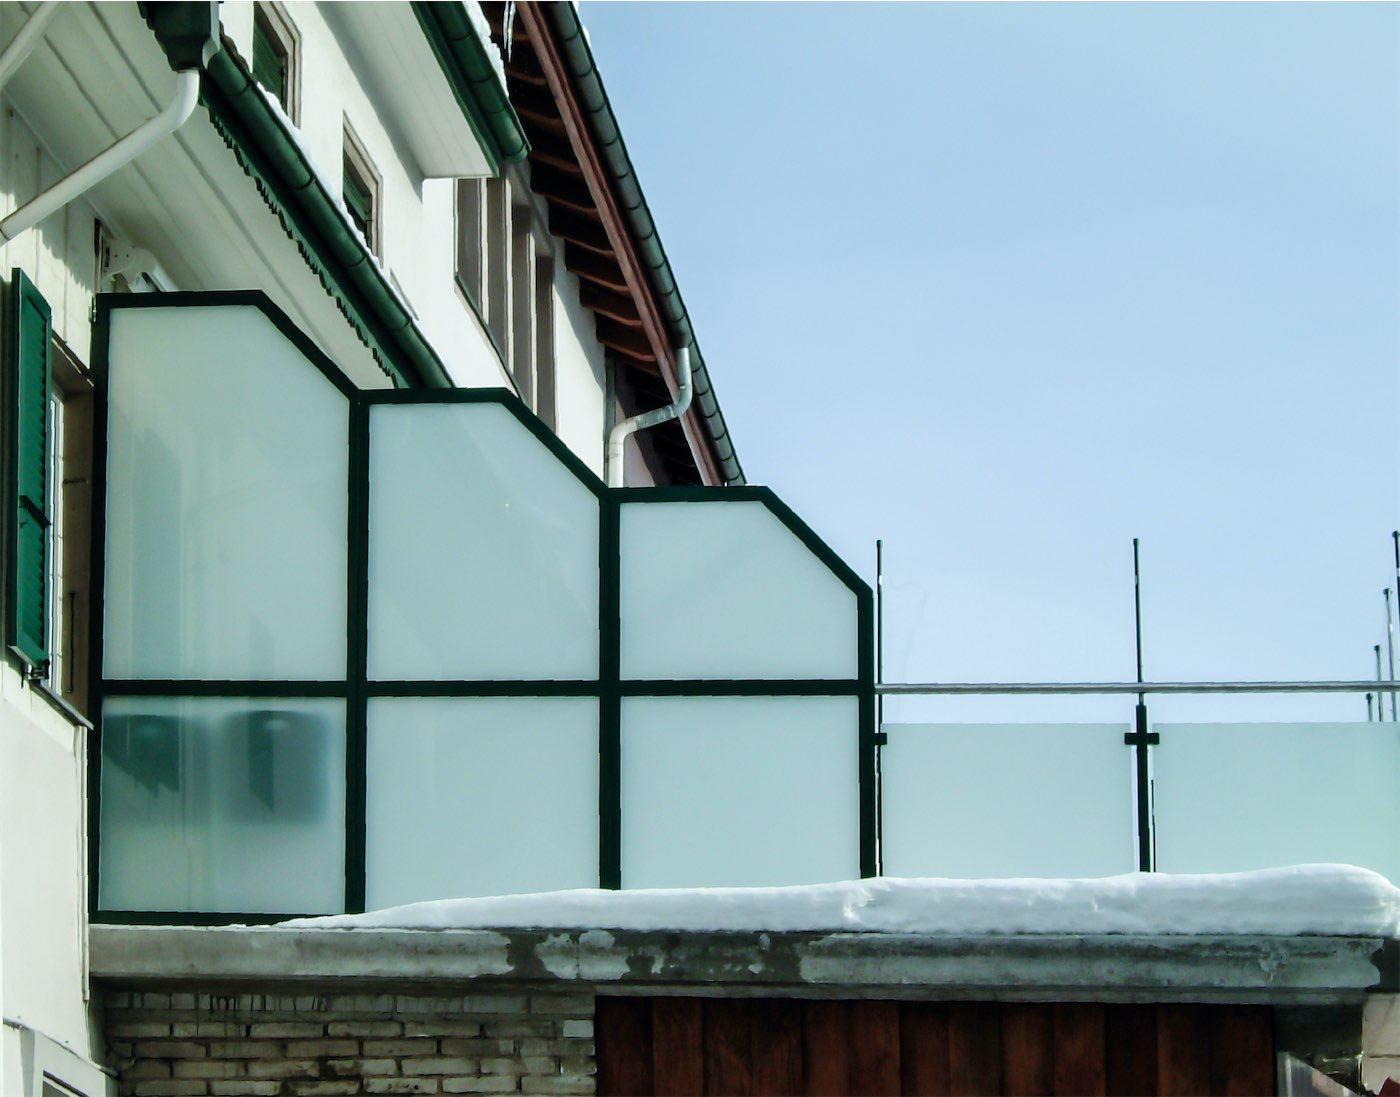 Windschutzwand Auf Balkon Wahl